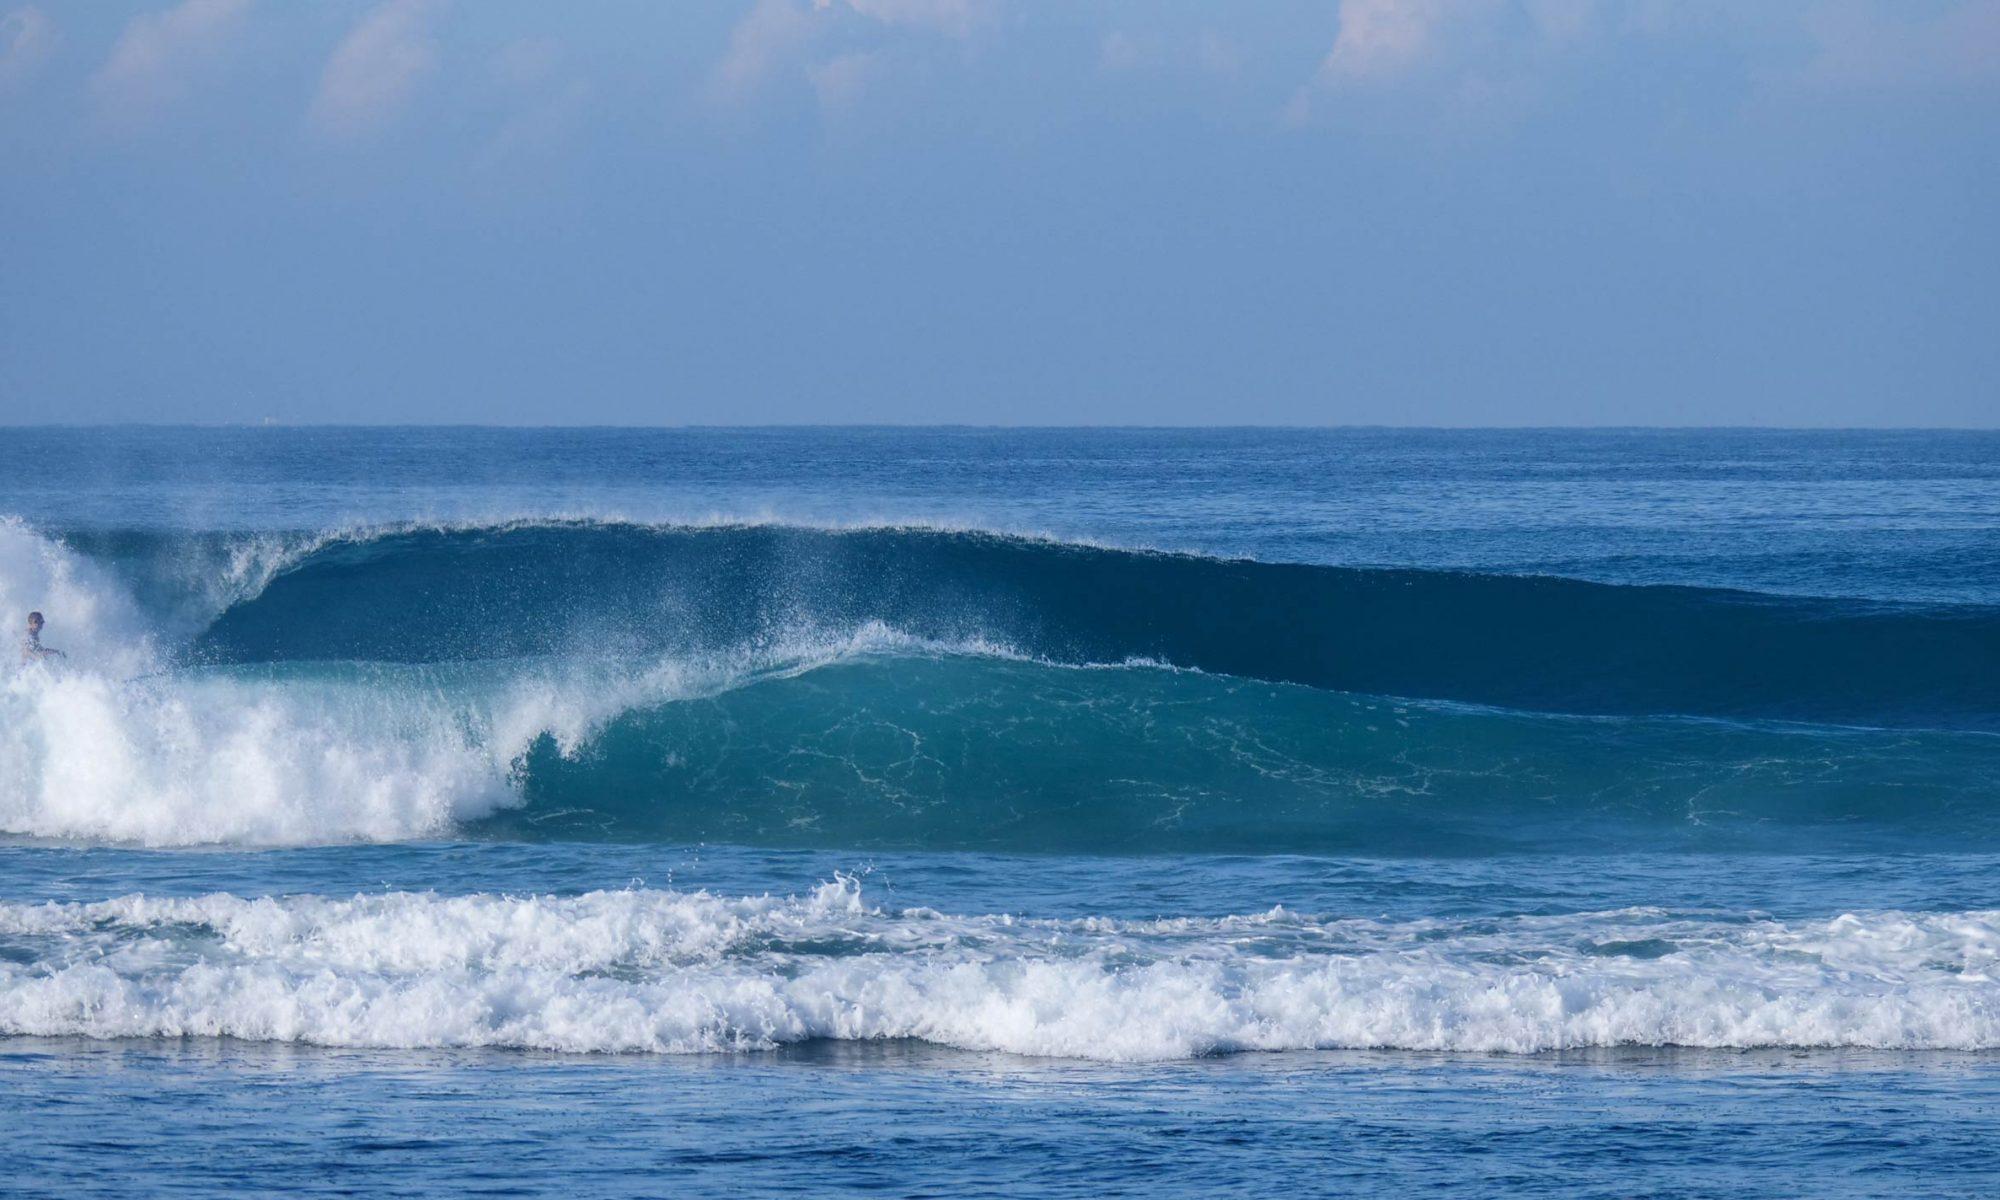 גלים מושלמים וריקים - טיול גלישה בסרילנקה